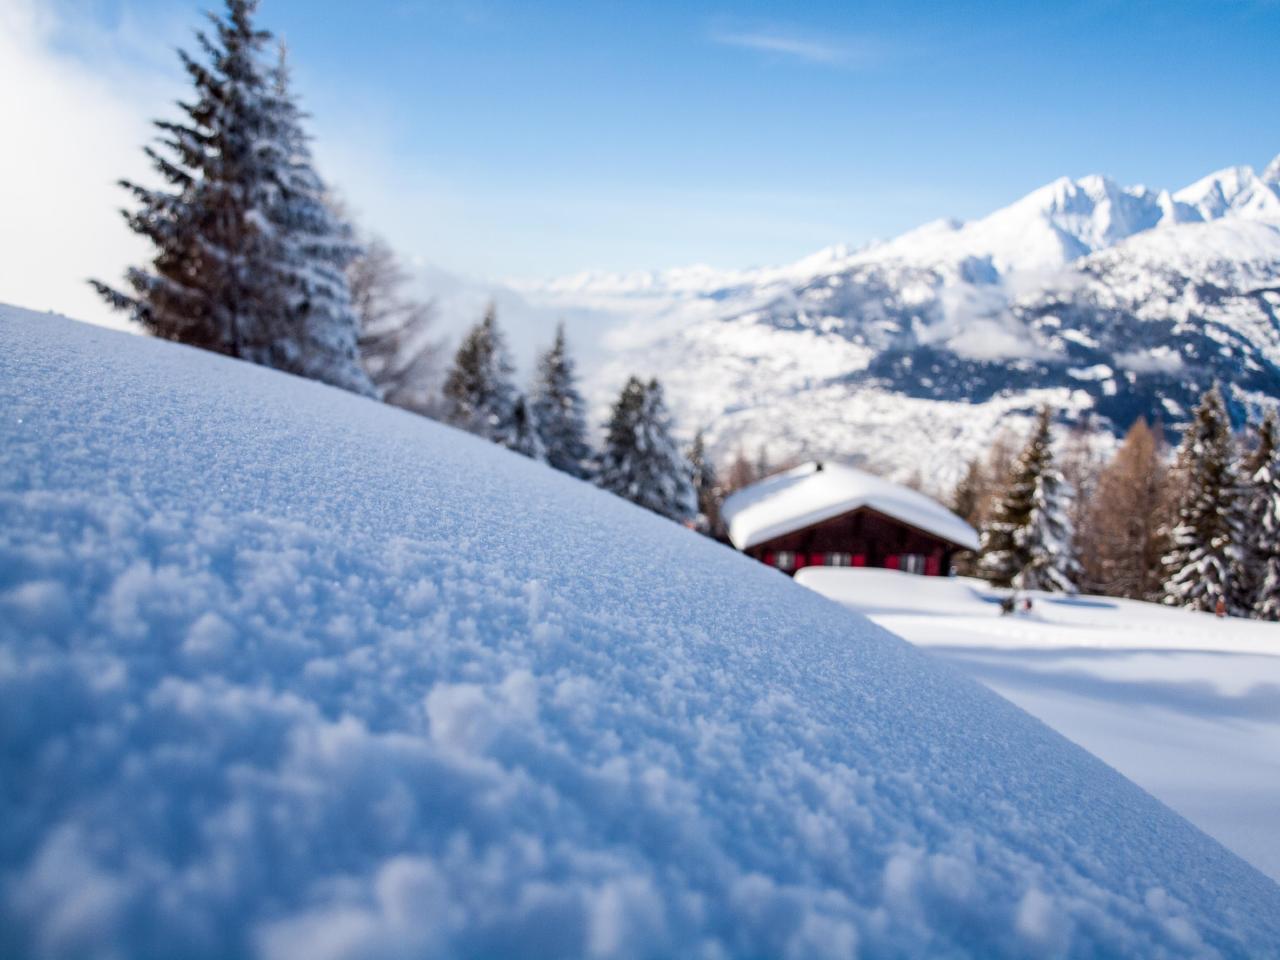 Ferienwohnung Chalet Bergfink | Ferienwohnung in den Walliser Bergen auf Rosswald (2311758), Rosswald, Brig - Simplon, Wallis, Schweiz, Bild 10